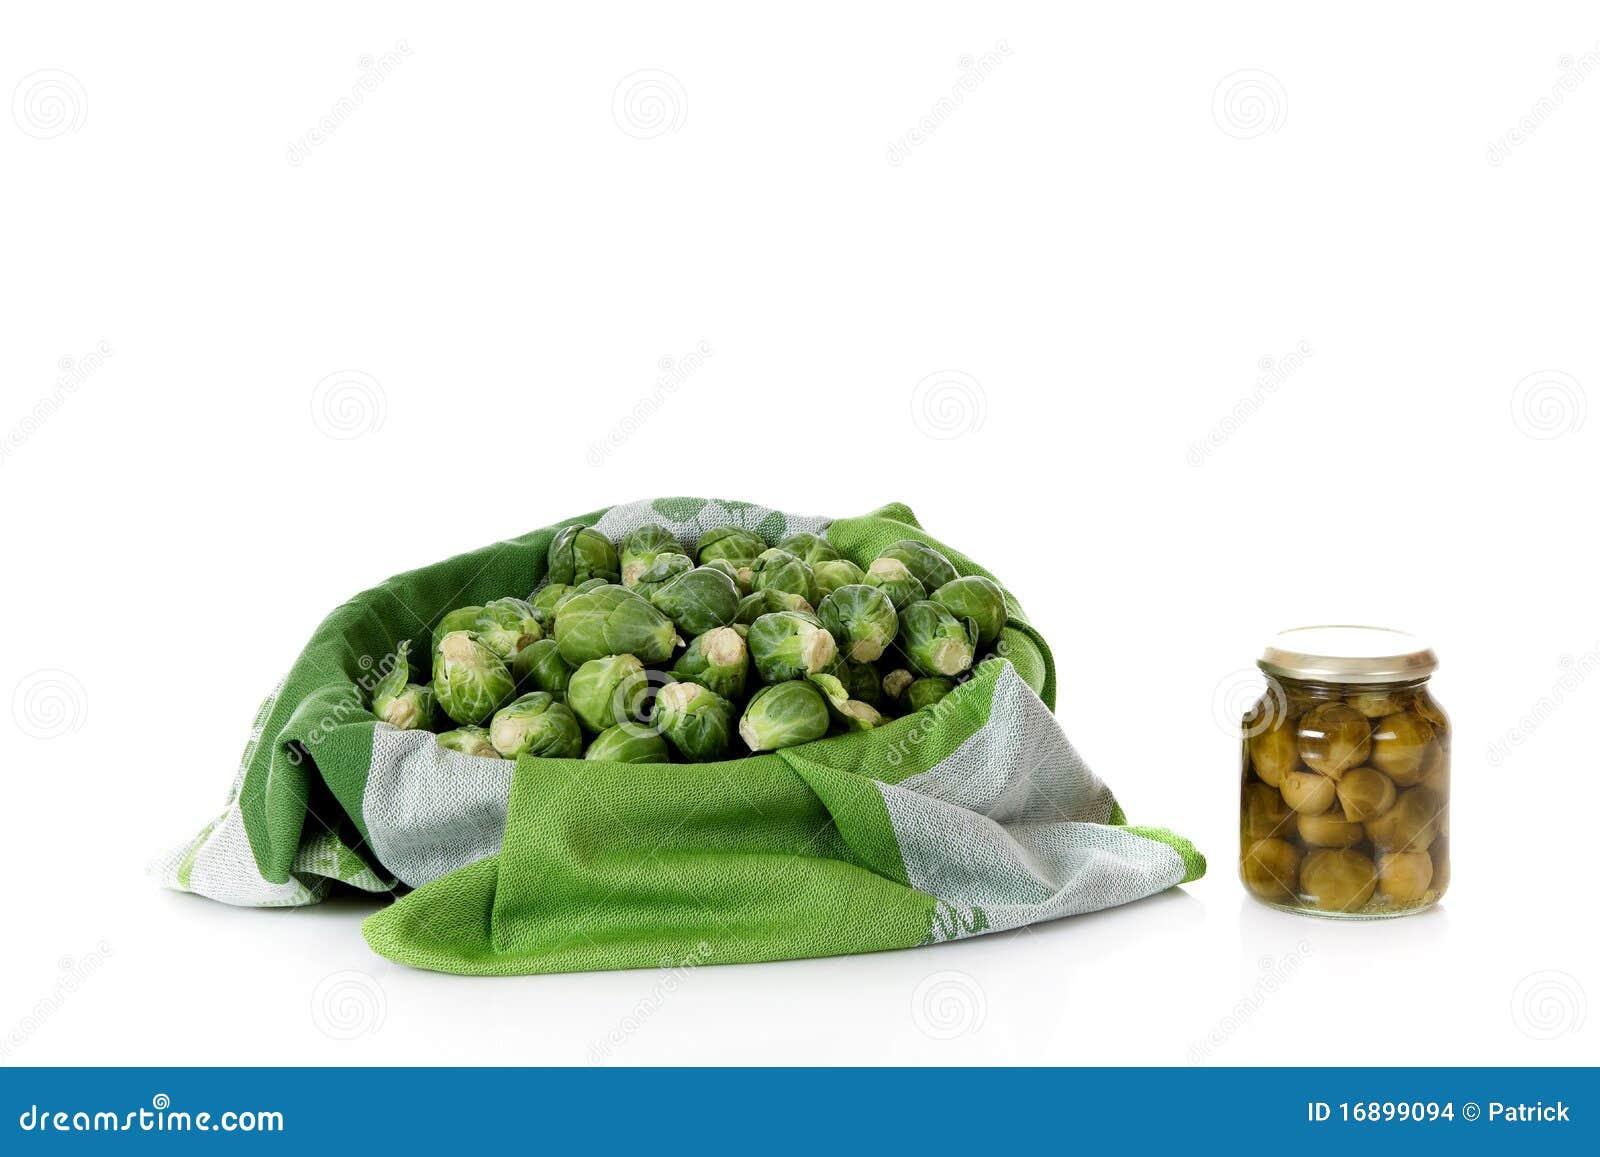 布鲁塞尔装新鲜的新芽于罐中与